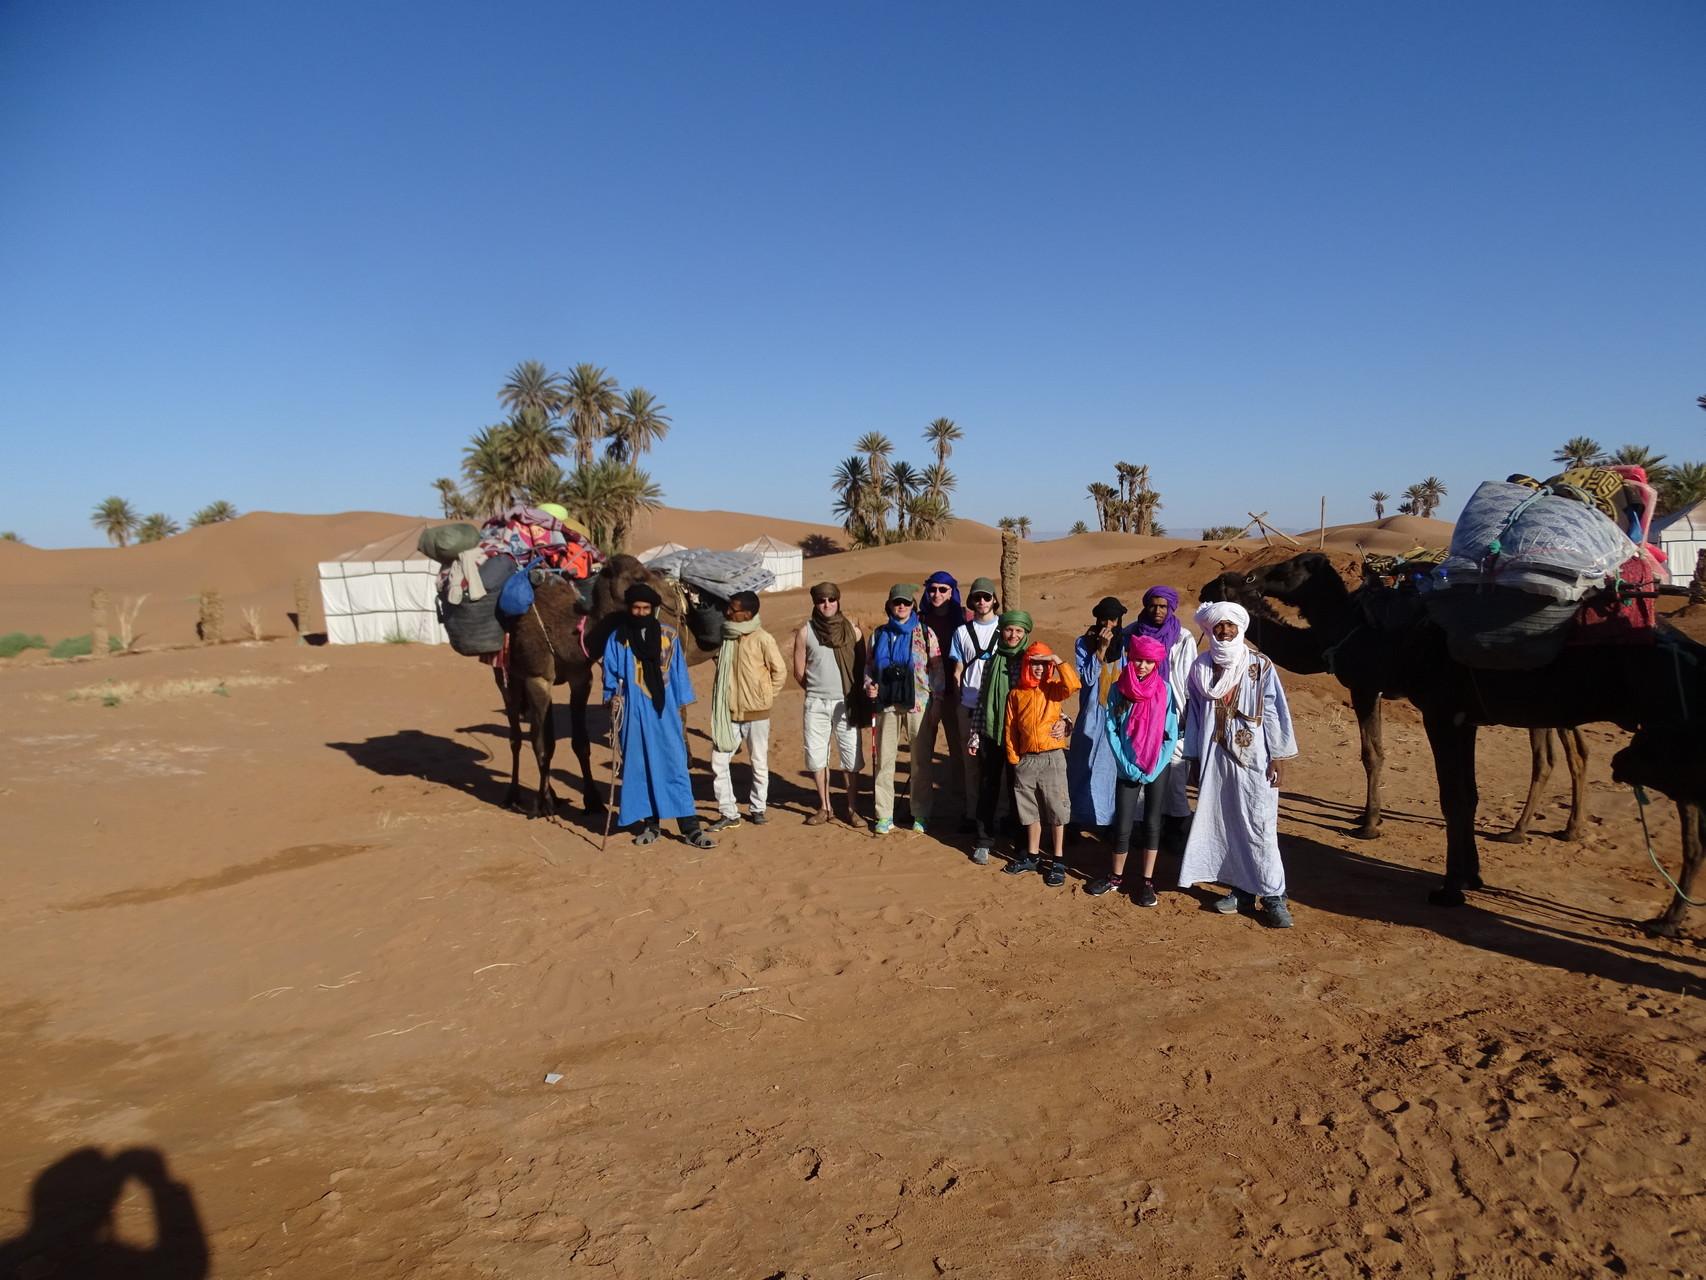 Maroc désert randonnée